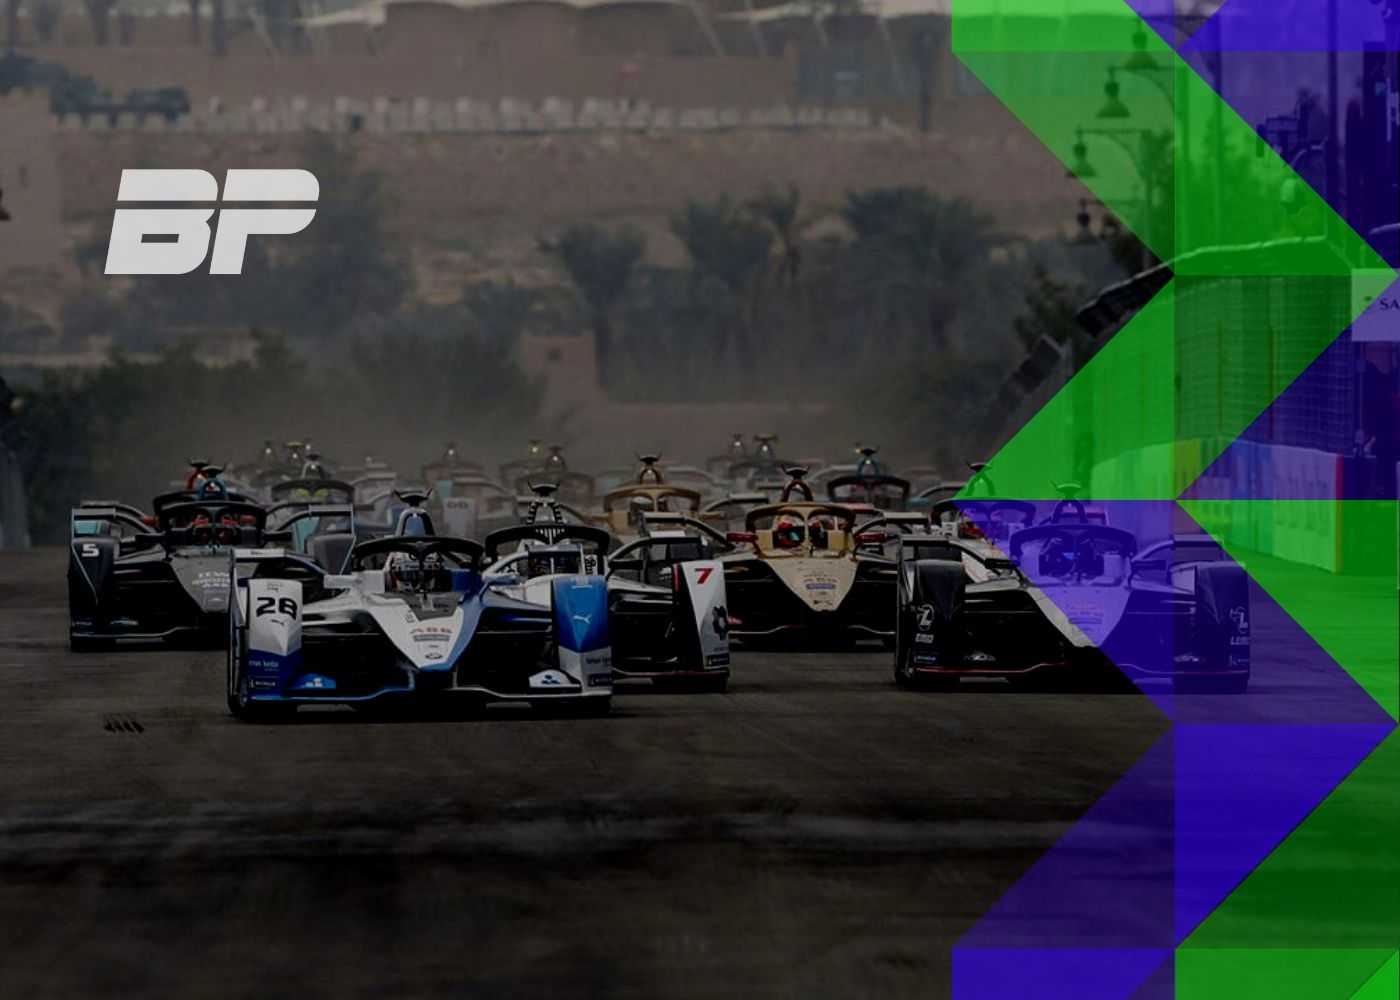 Foto de Bolão Fórmula E – Sexta Temporada, venha participar do Bolão #FEnoBP